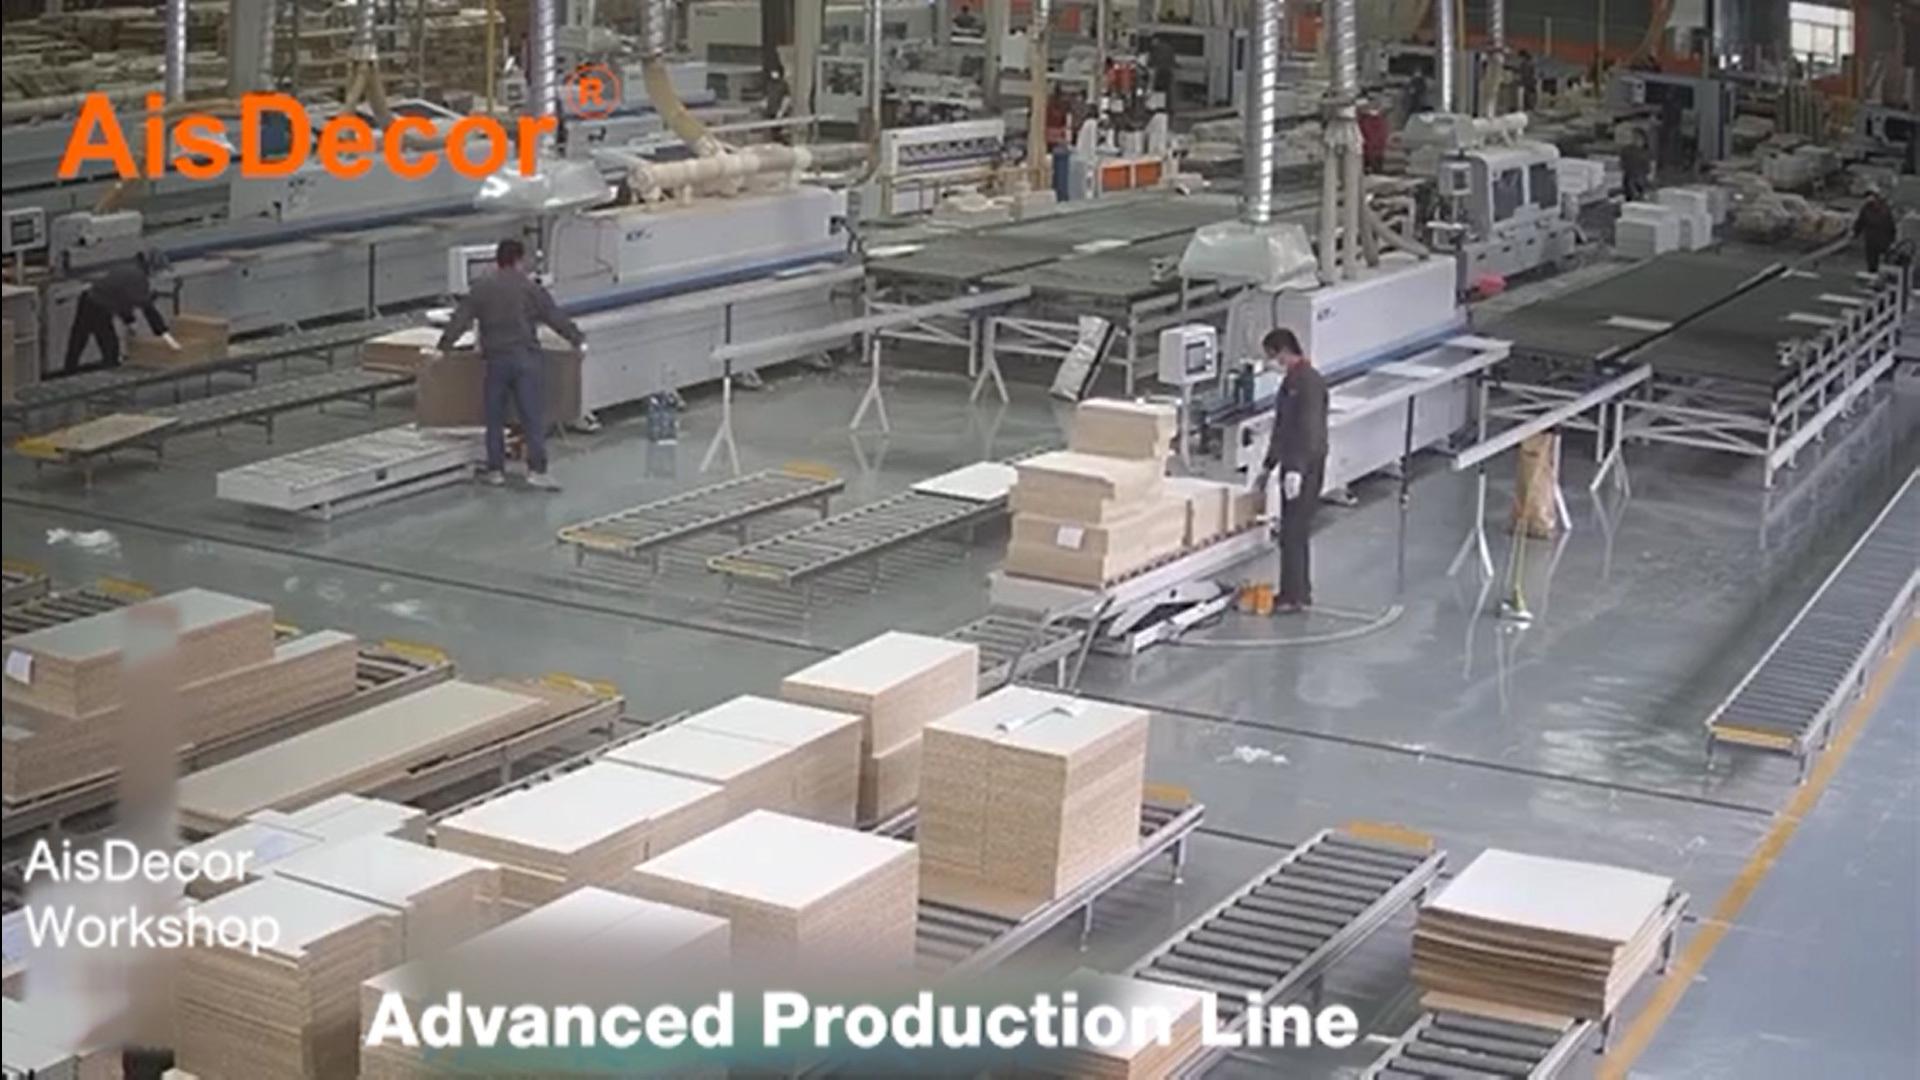 AisDecor Factory